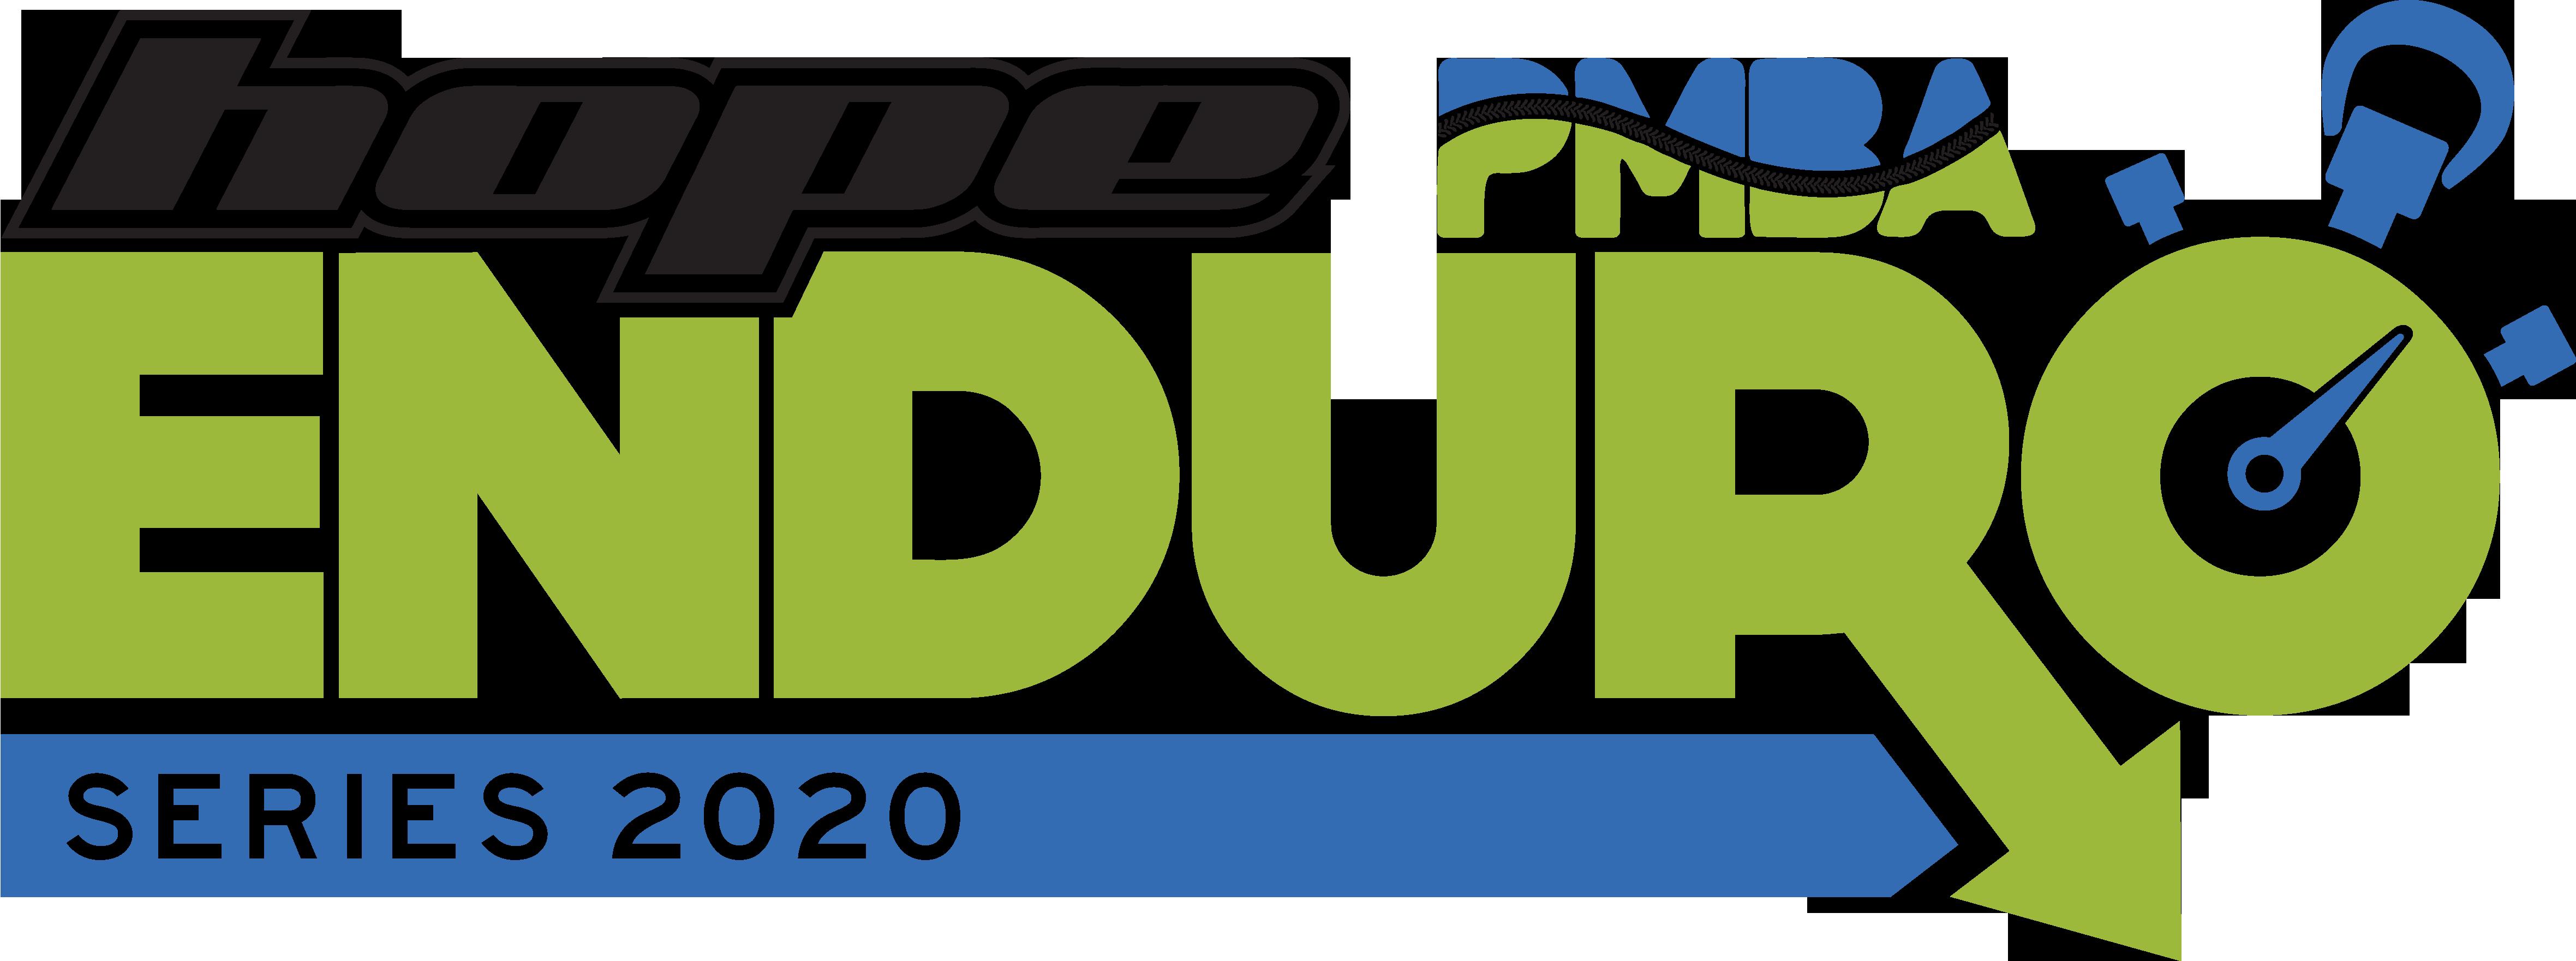 PMBA Enduro 2020 Logo